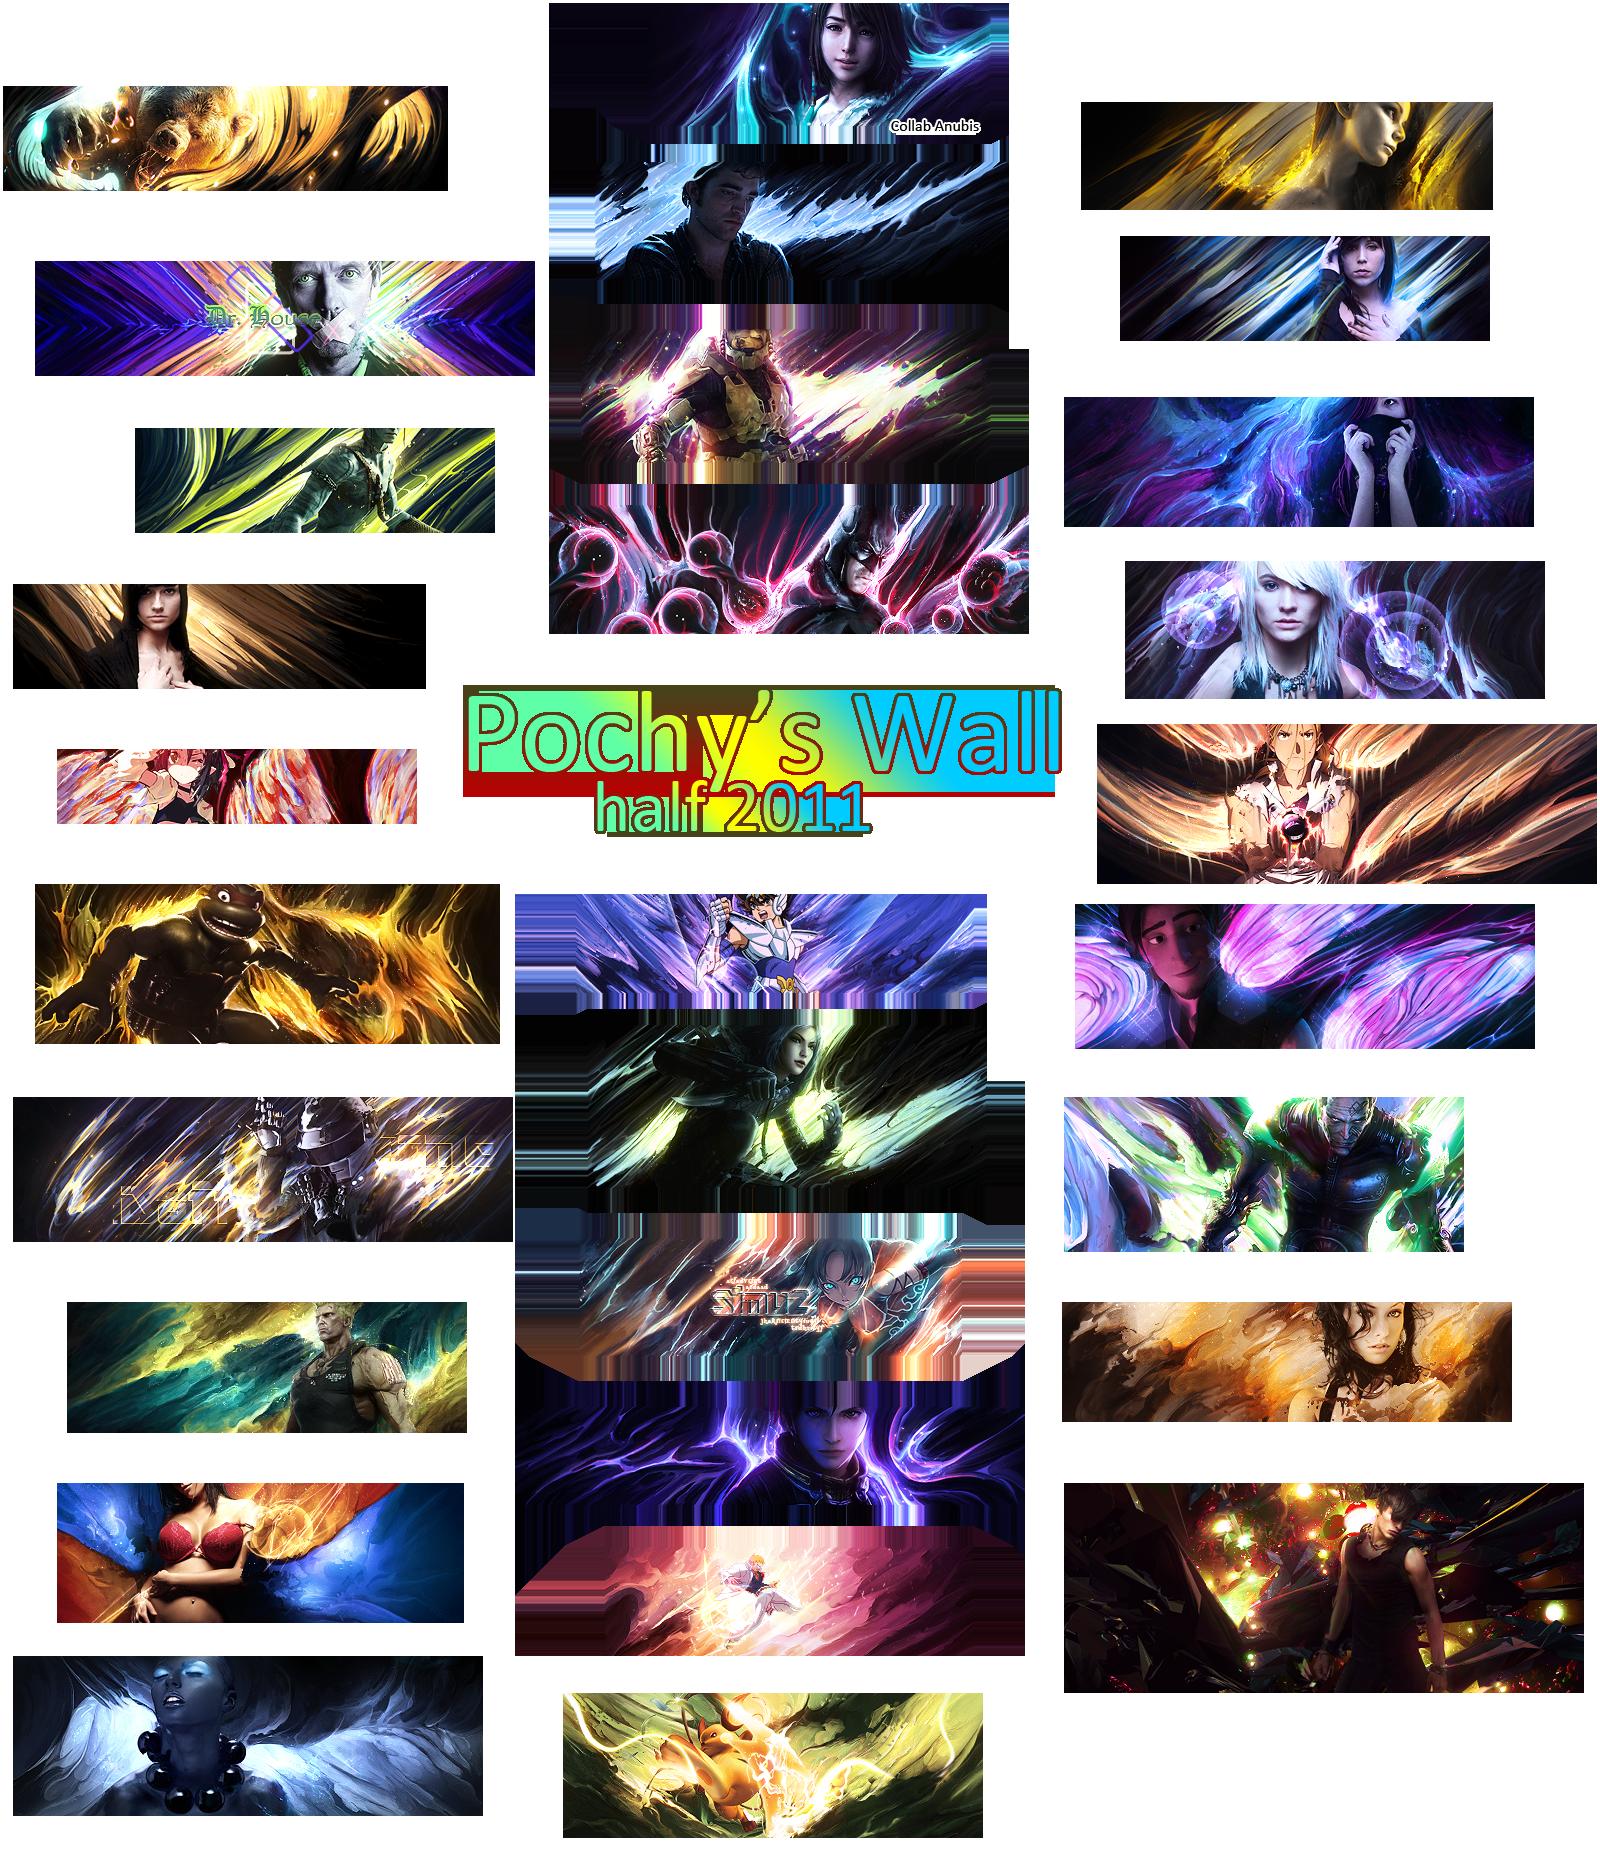 Las mejores inspiraciones de mi vida *O* Pochy__s_tagwall___half_2011_by_eddy_pochy-d3fccoa